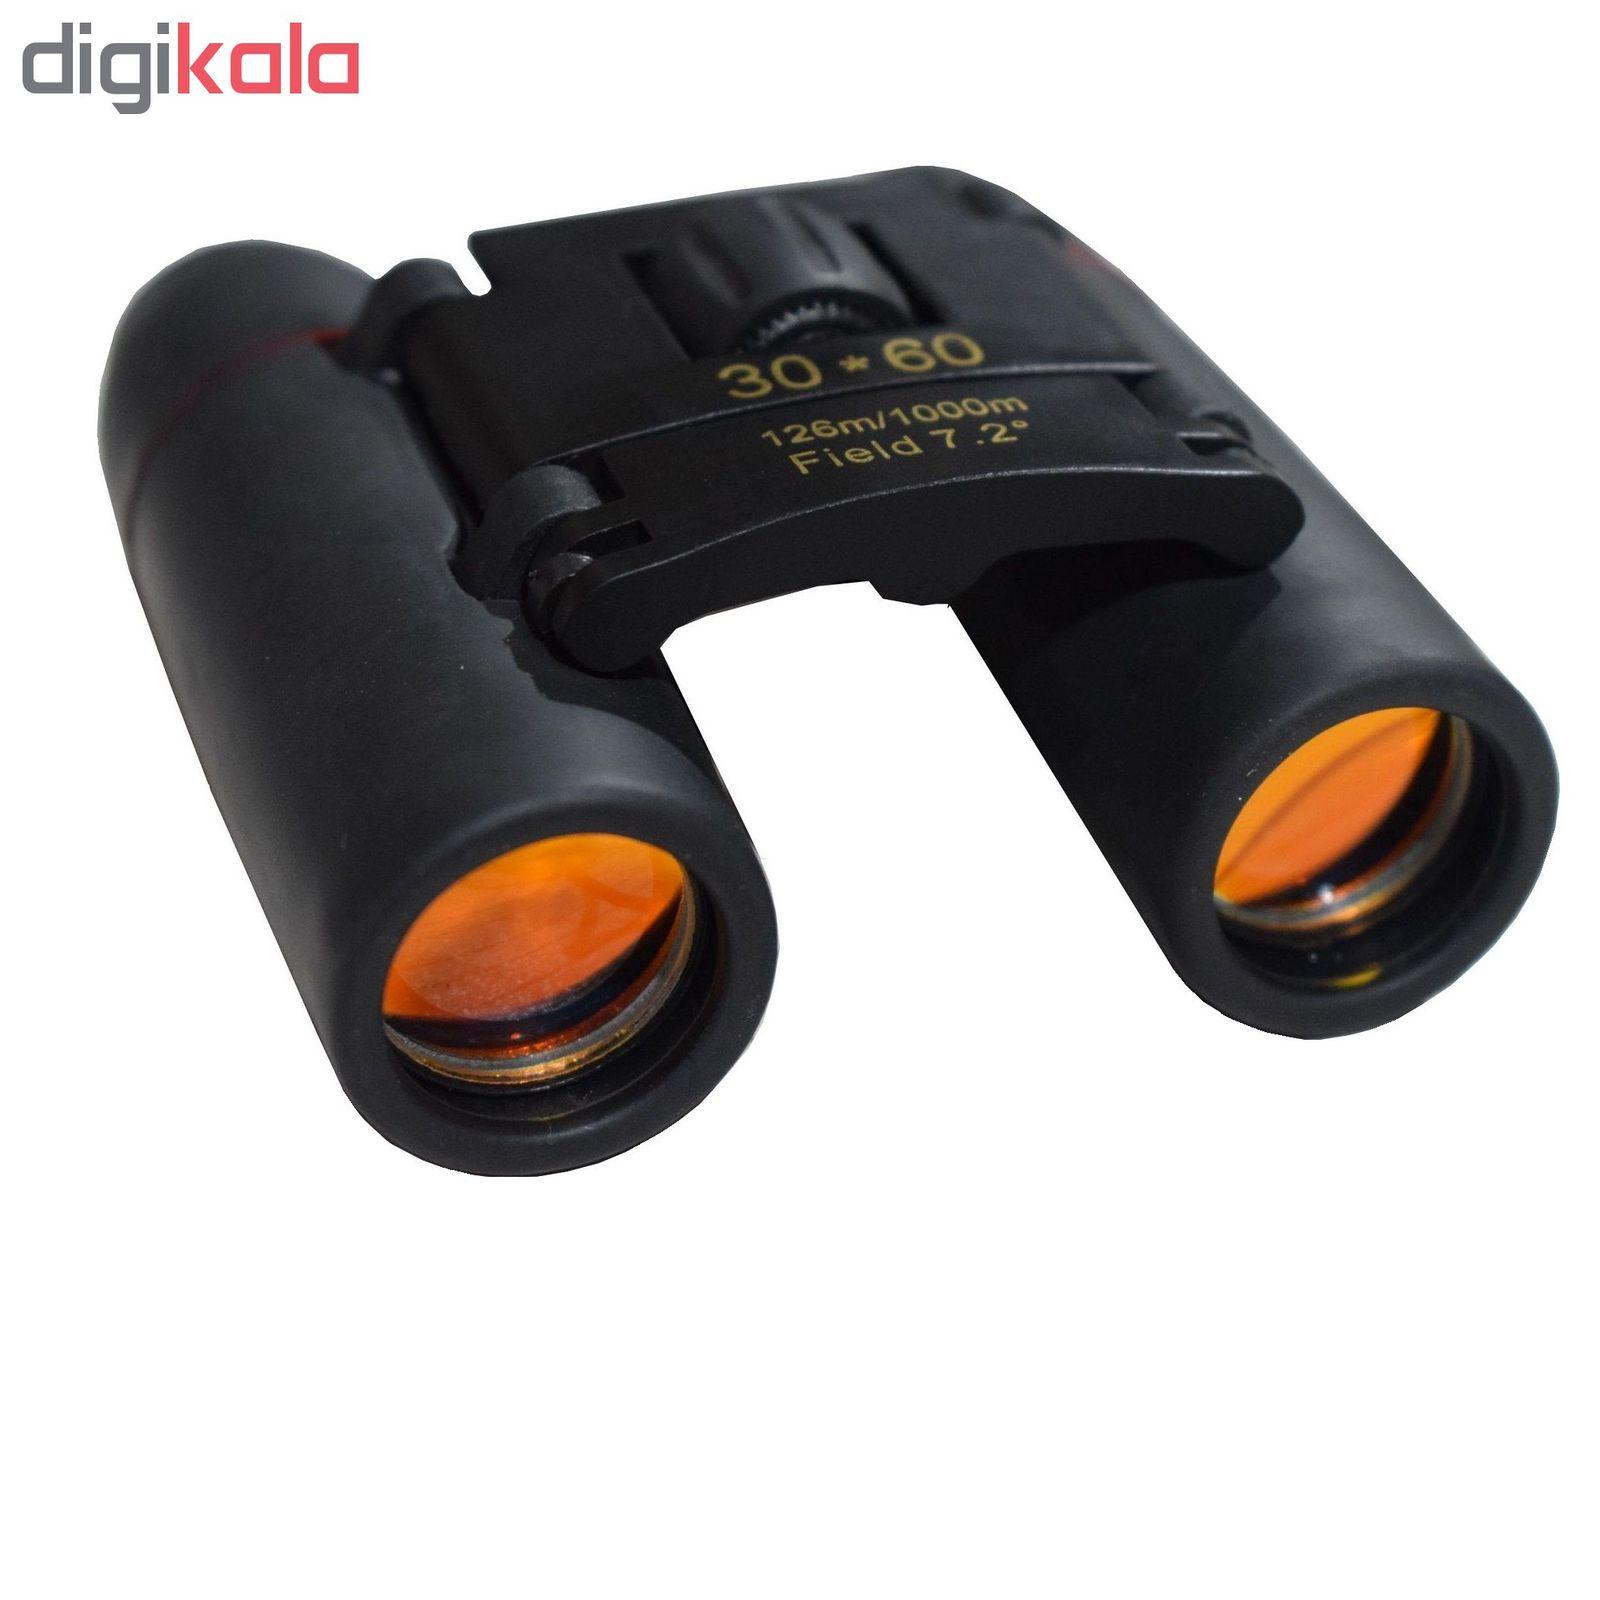 دوربین شکاری دو چشمی مدل 30x60 main 1 2